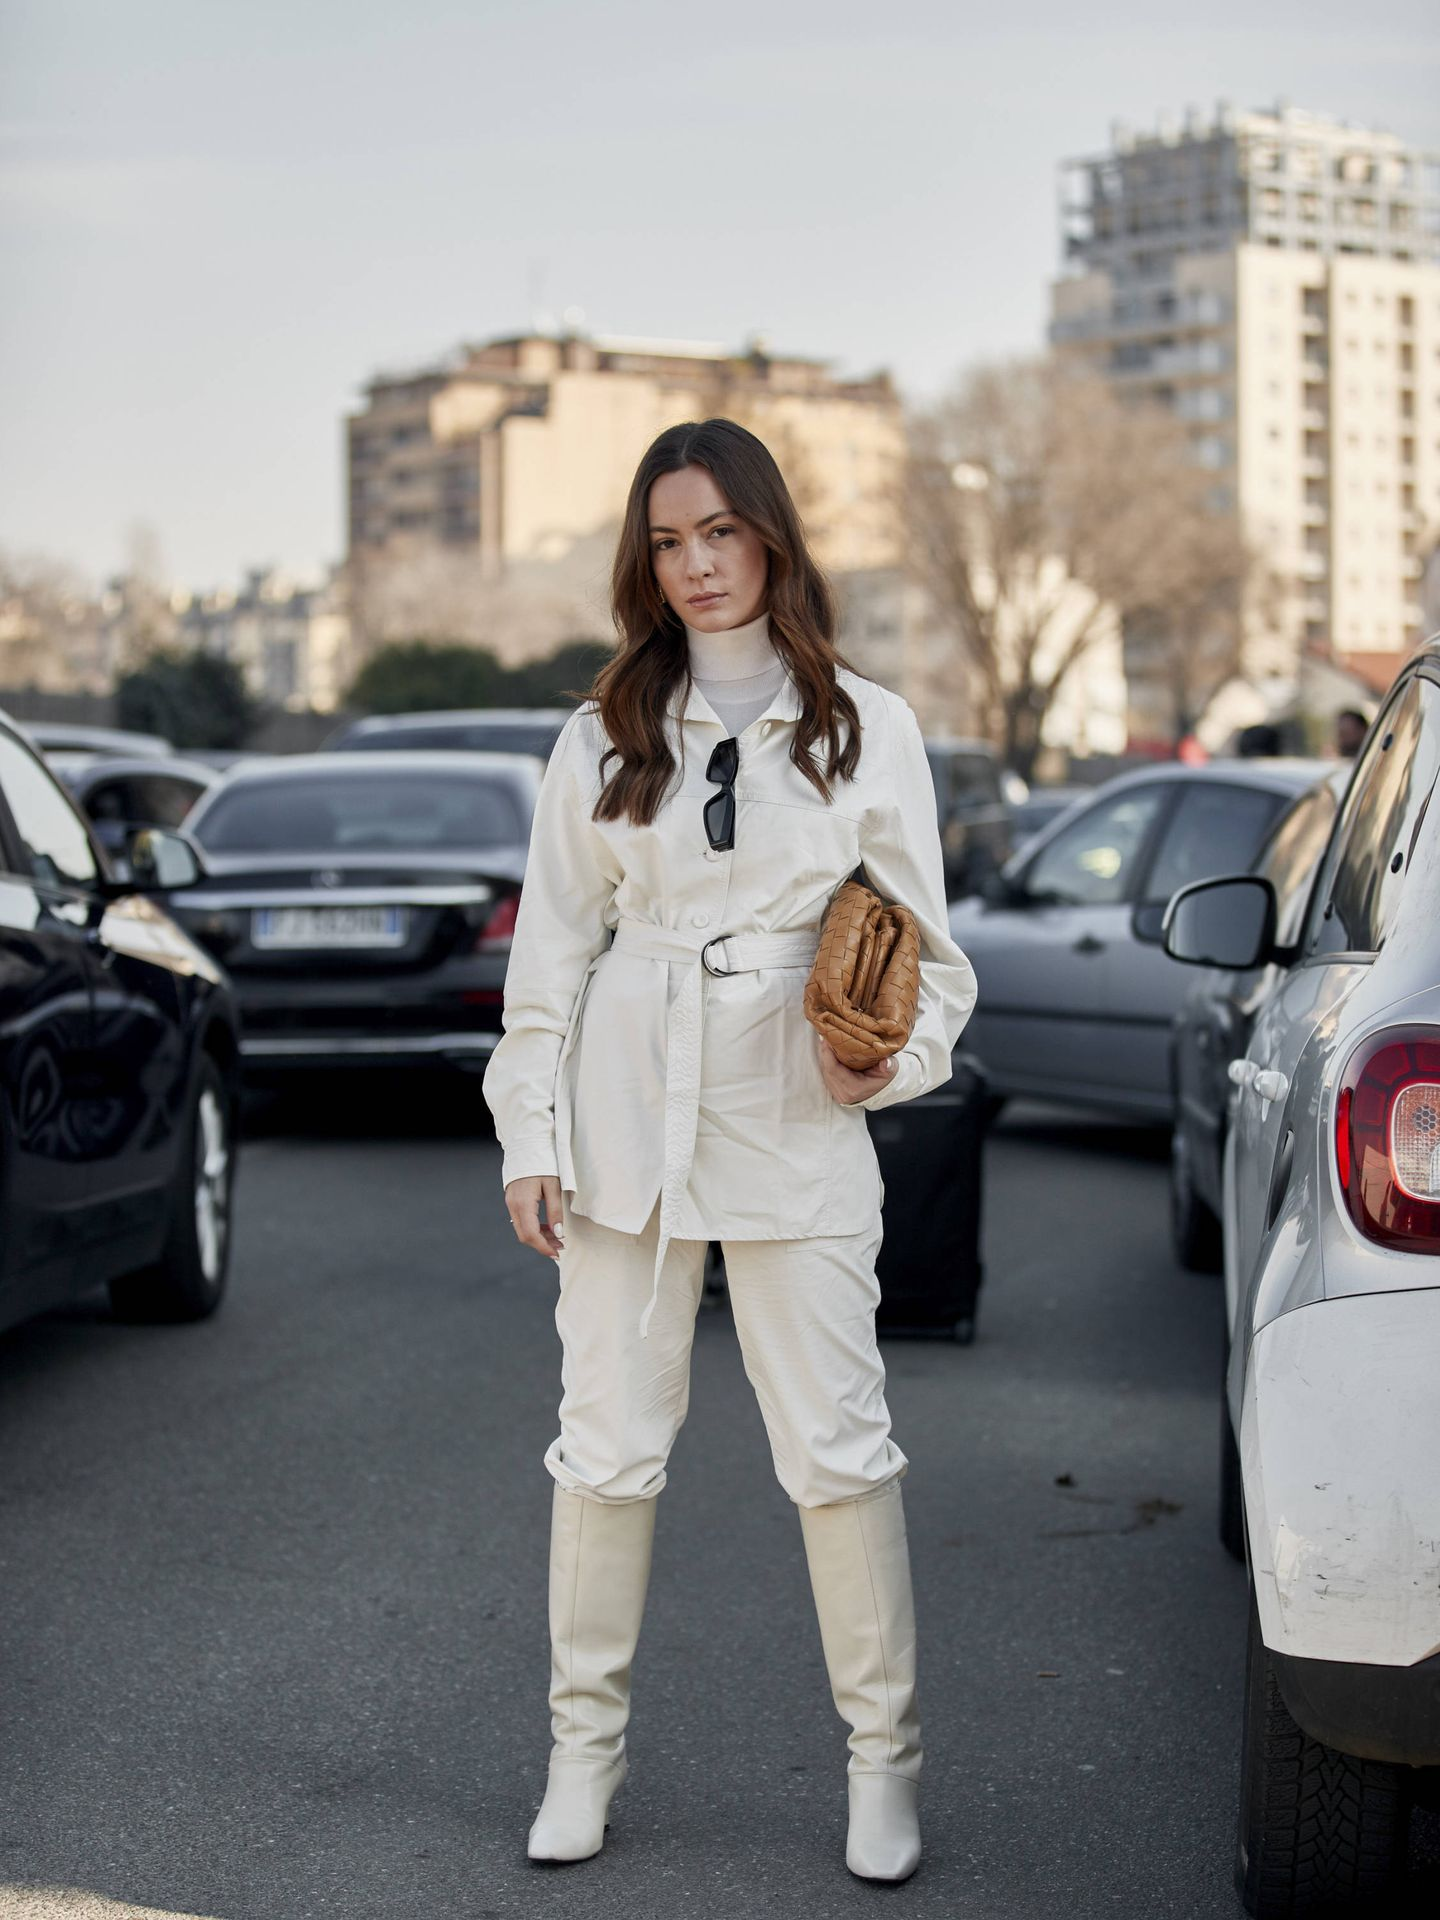 El blanco resplandece en las calles. (Imaxtree)